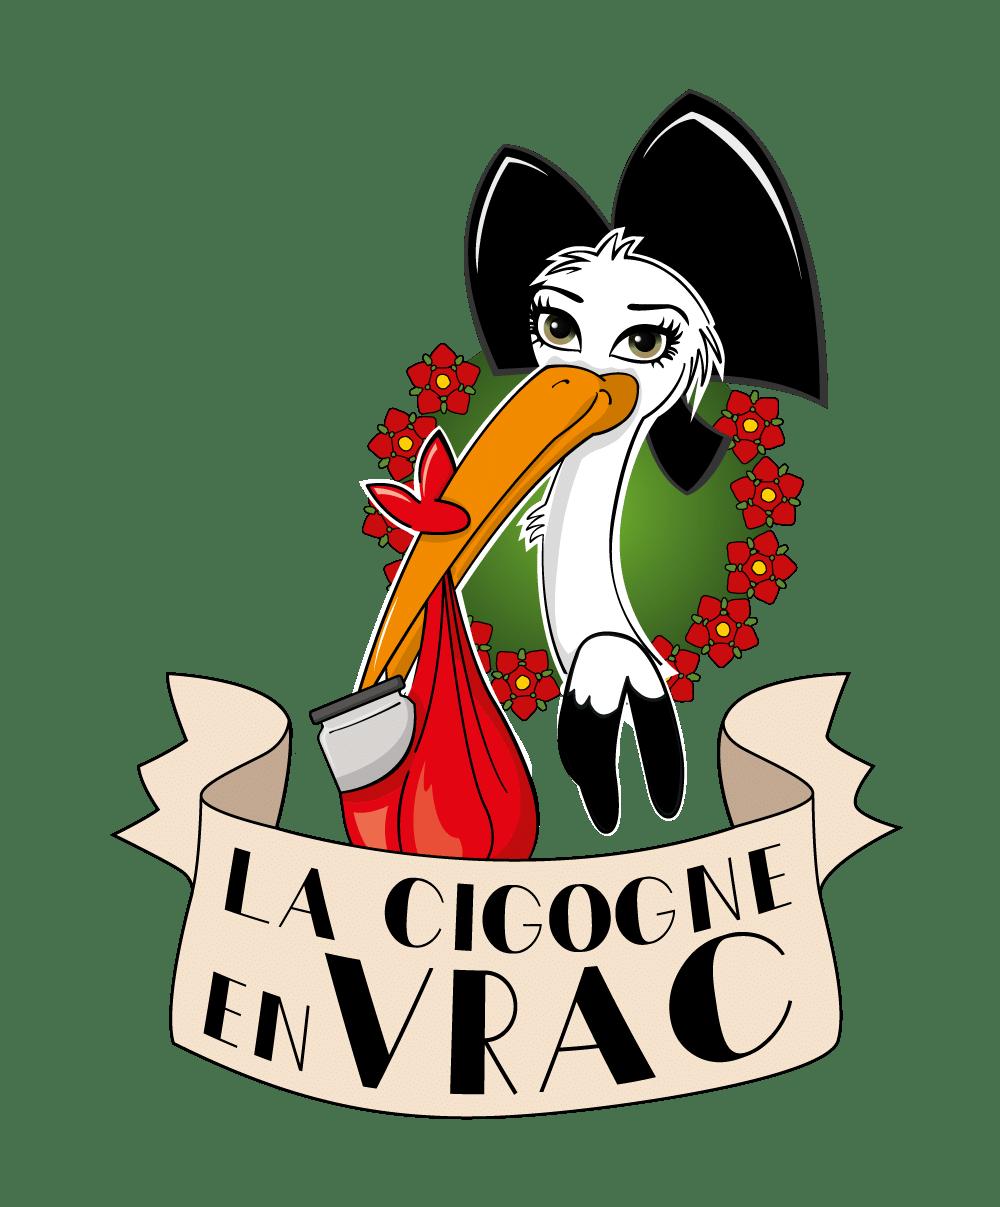 La cigogne en vrac - Rosheim